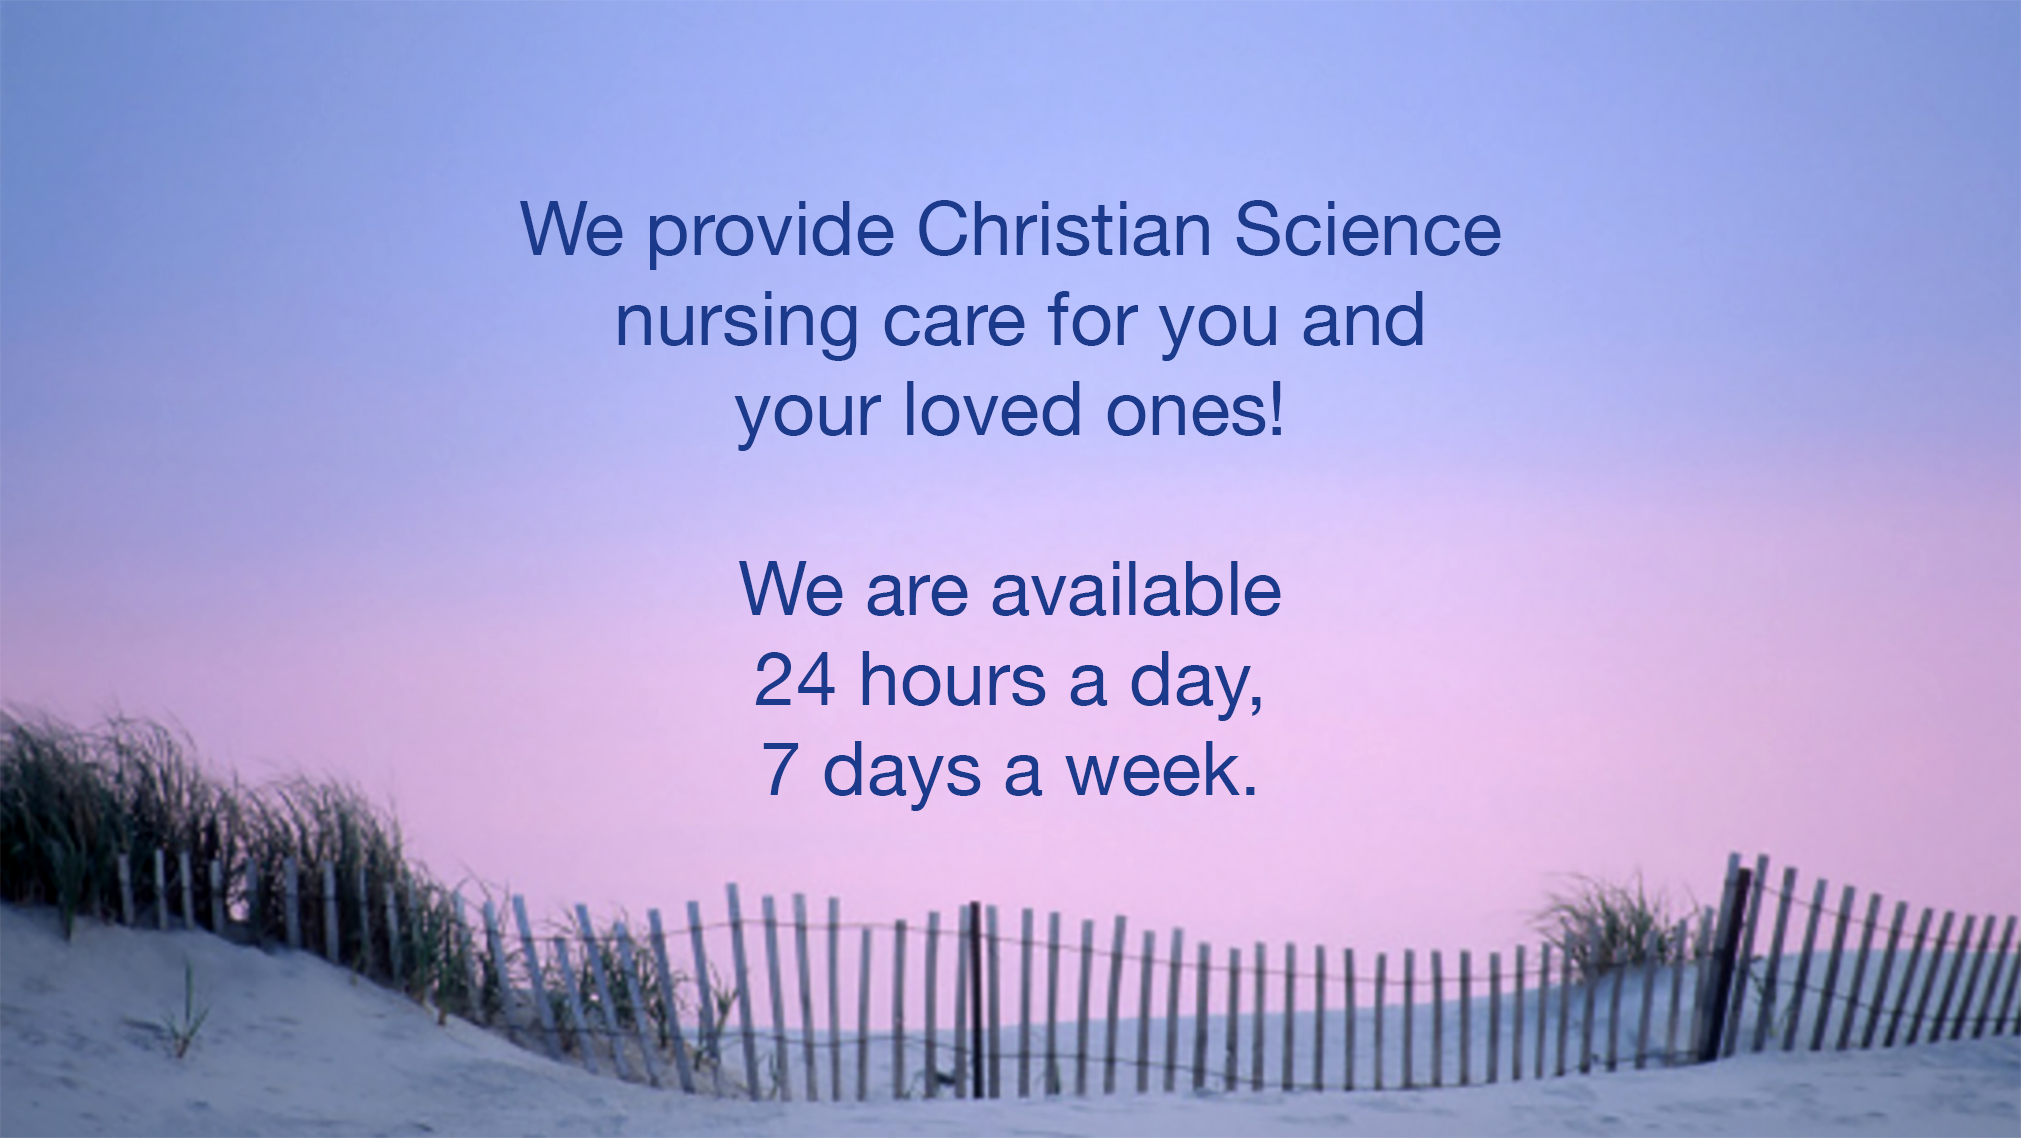 slides-nj-nurse-we-provide.png